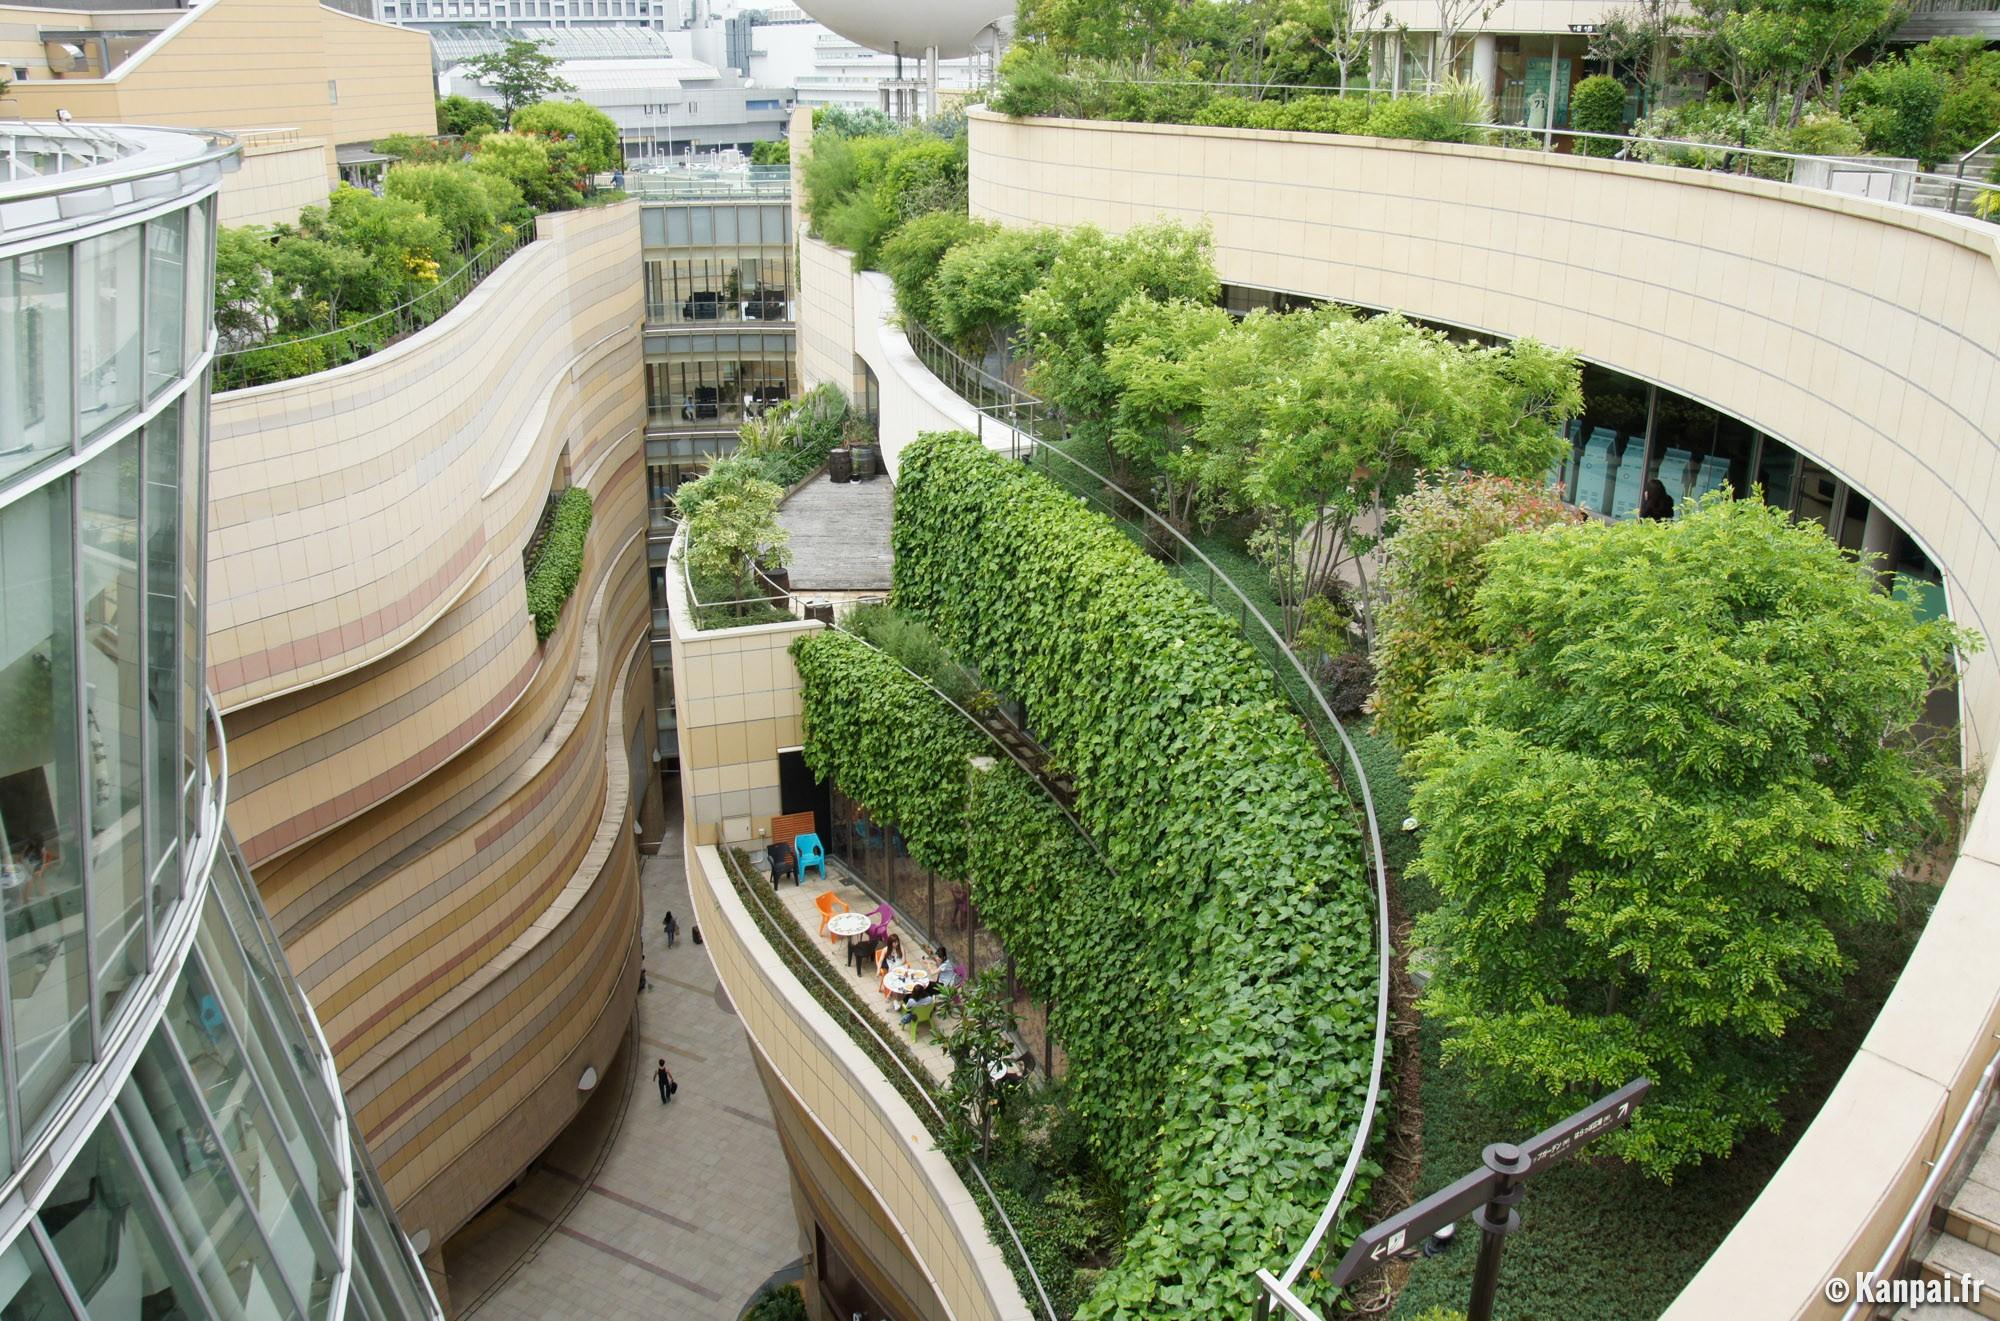 namba parks le centre commercial aux jardins suspendus. Black Bedroom Furniture Sets. Home Design Ideas